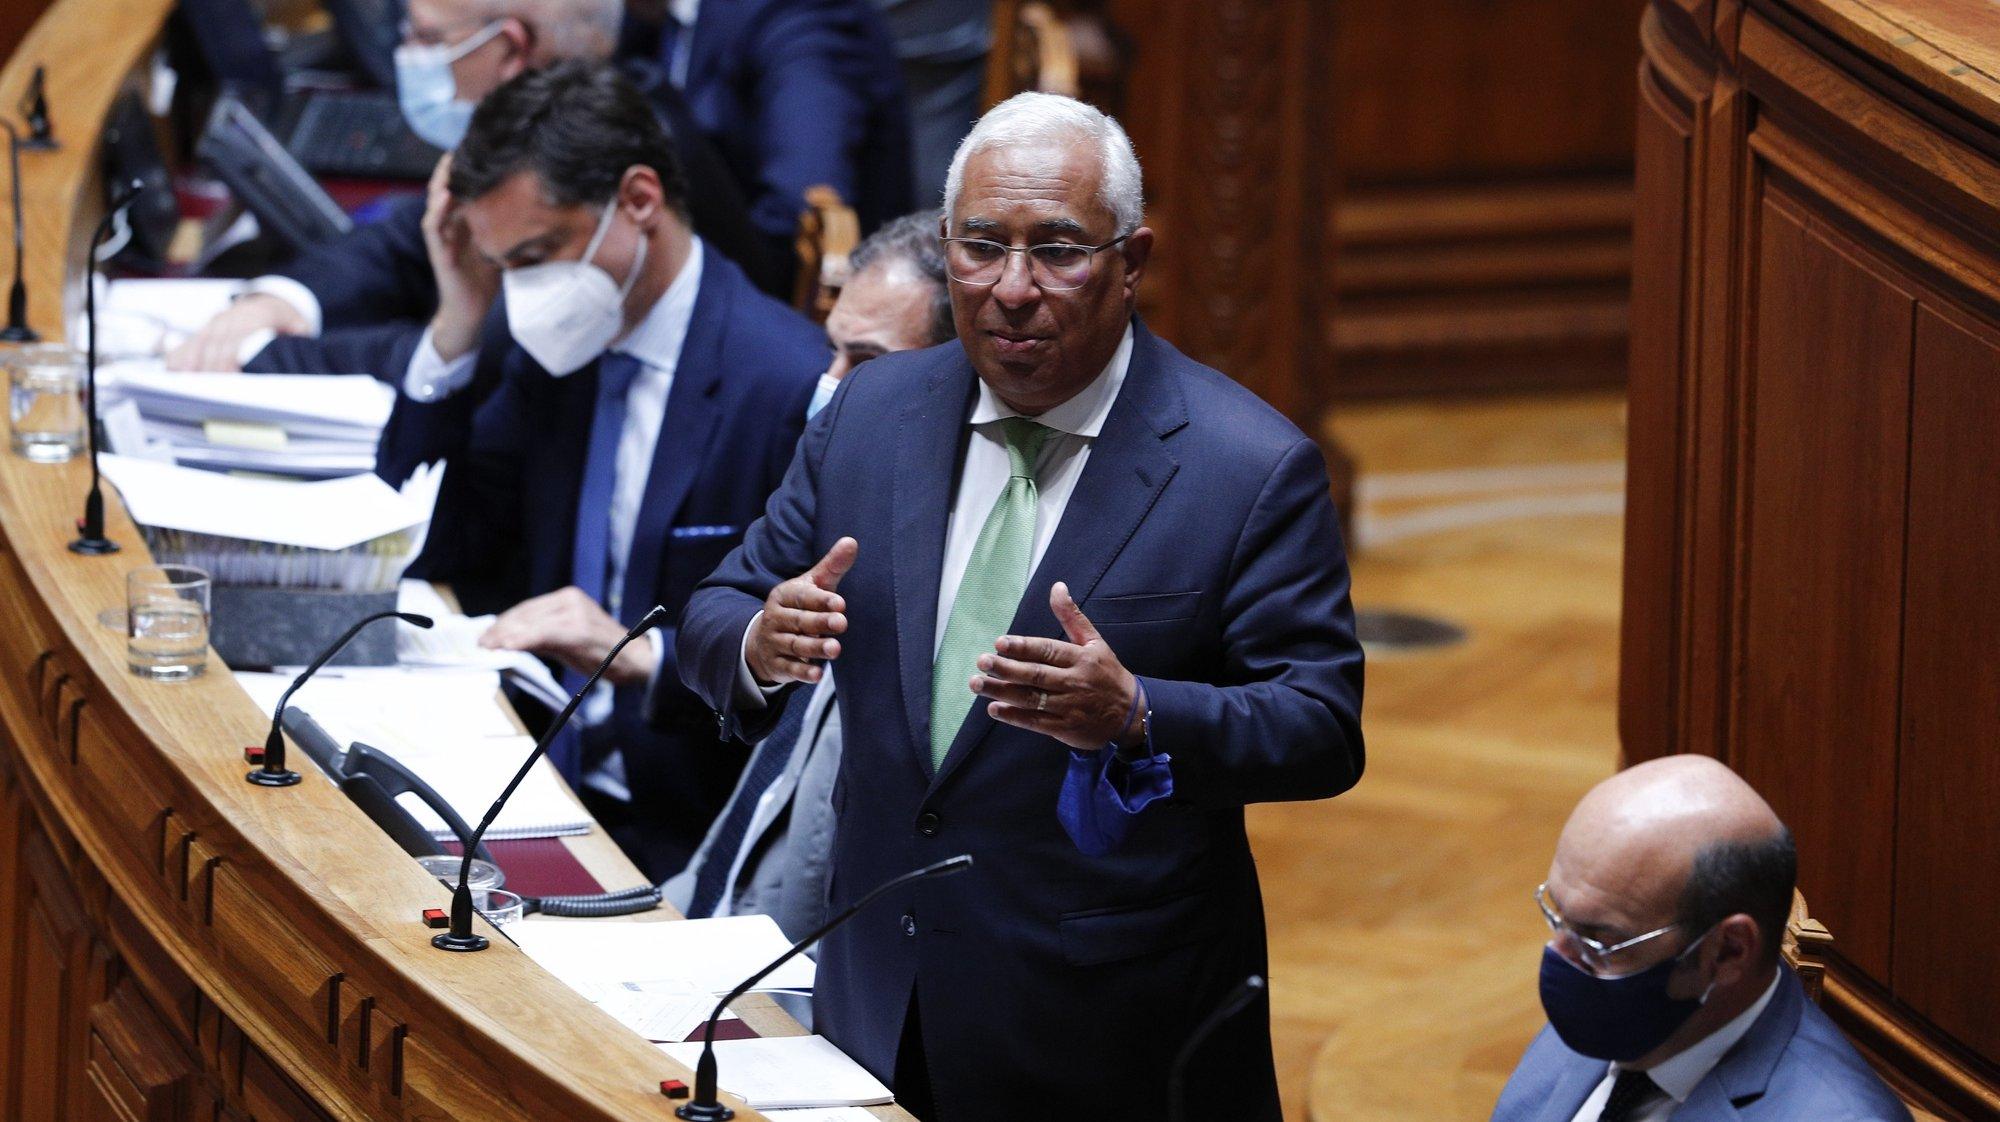 O primeiro-ministro, António Costa, intervém durante o debate parlamentar sobre o estado da Nação, na Assembleia da República, em Lisboa, 21 de julho de 2021. ANTÓNIO COTRIM/LUSA